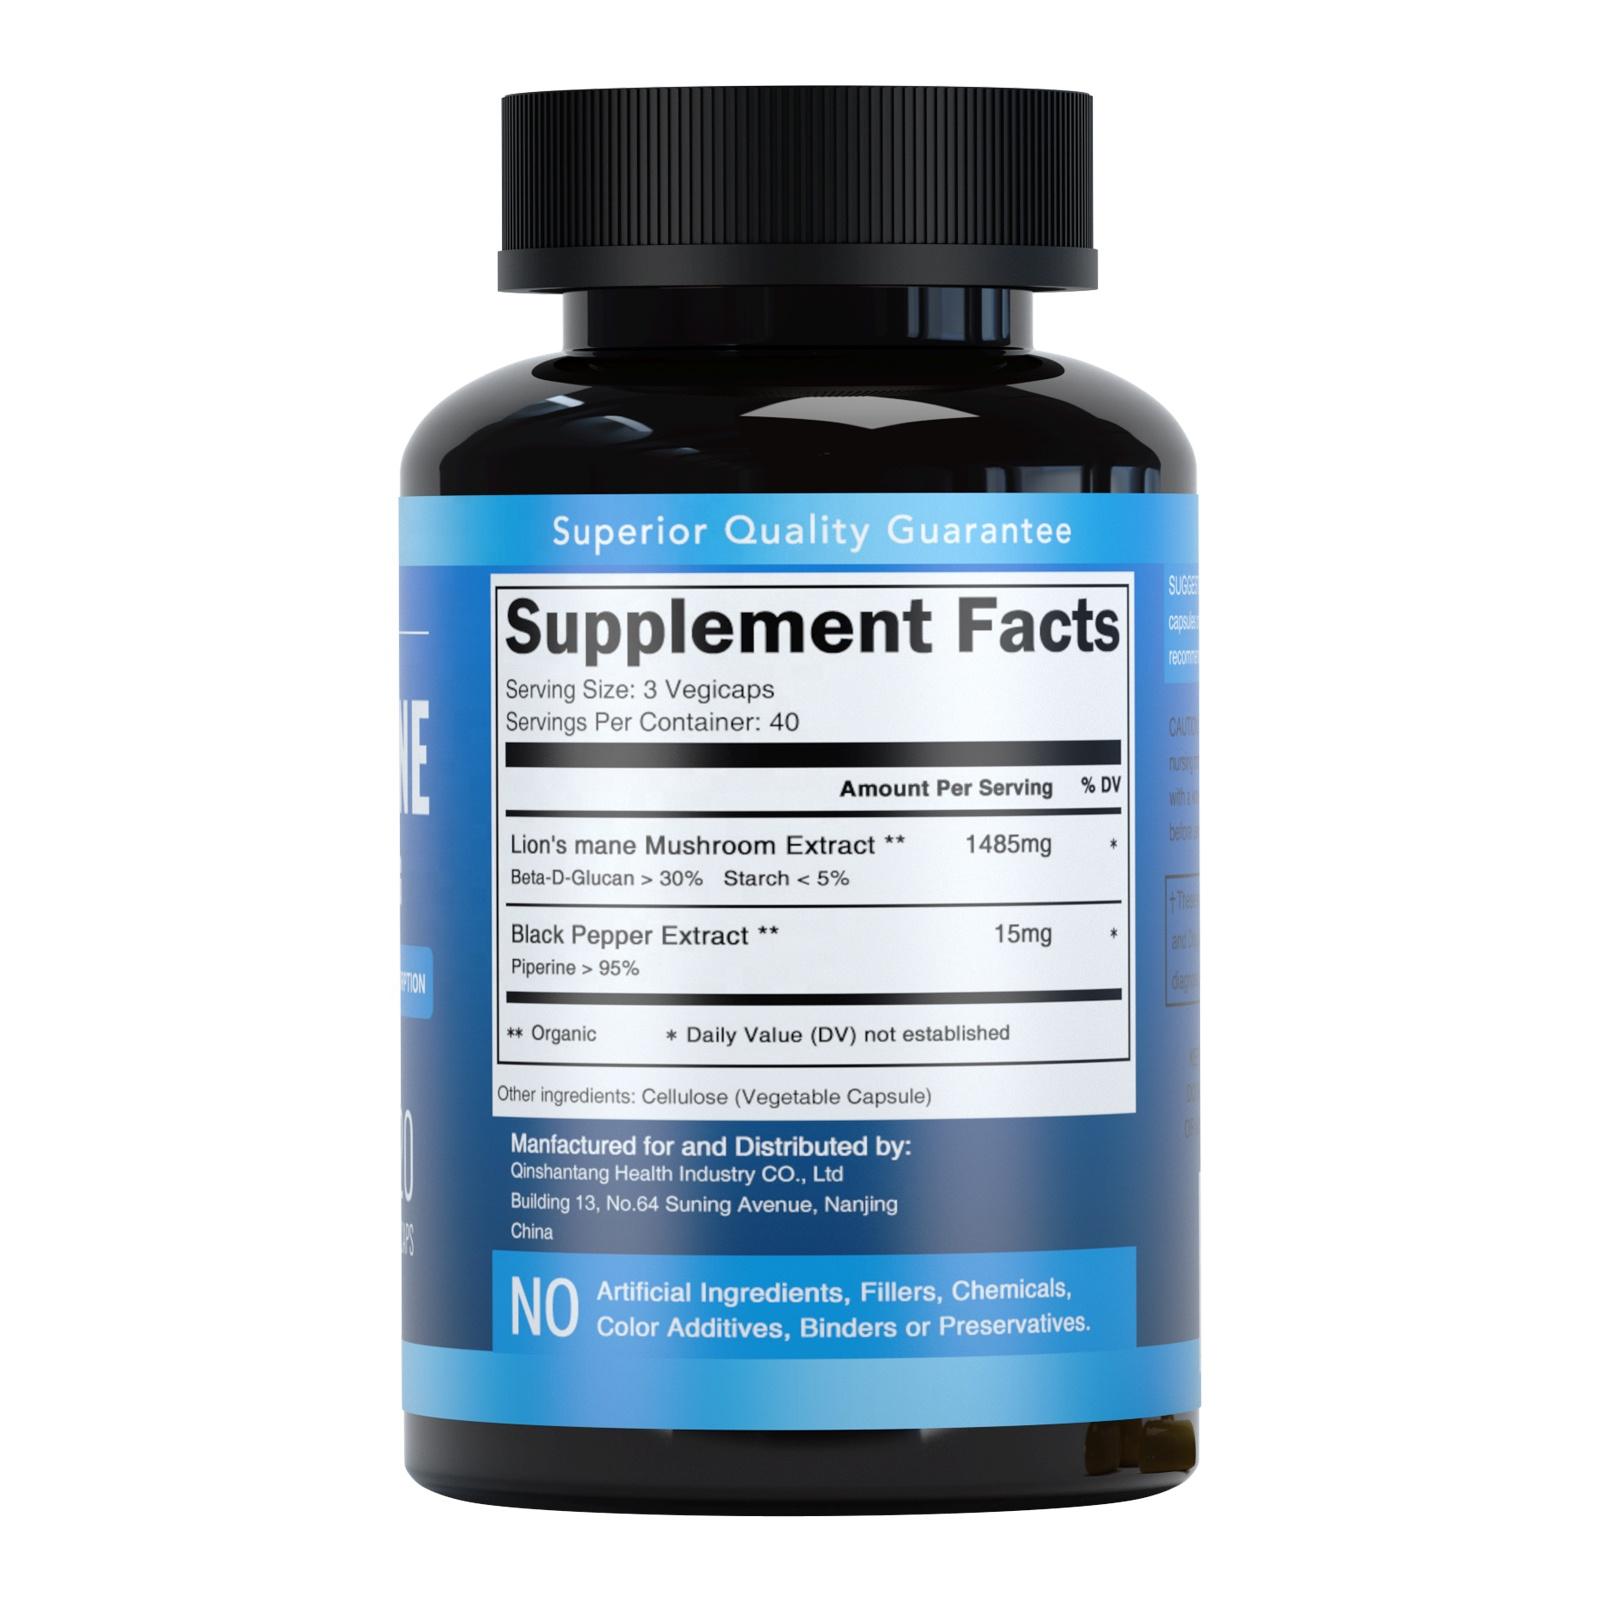 Private Label Organic Nootropic Brain Supplement 1500 mg Lions mane Hericium Mushroom Extract Powder Capsules